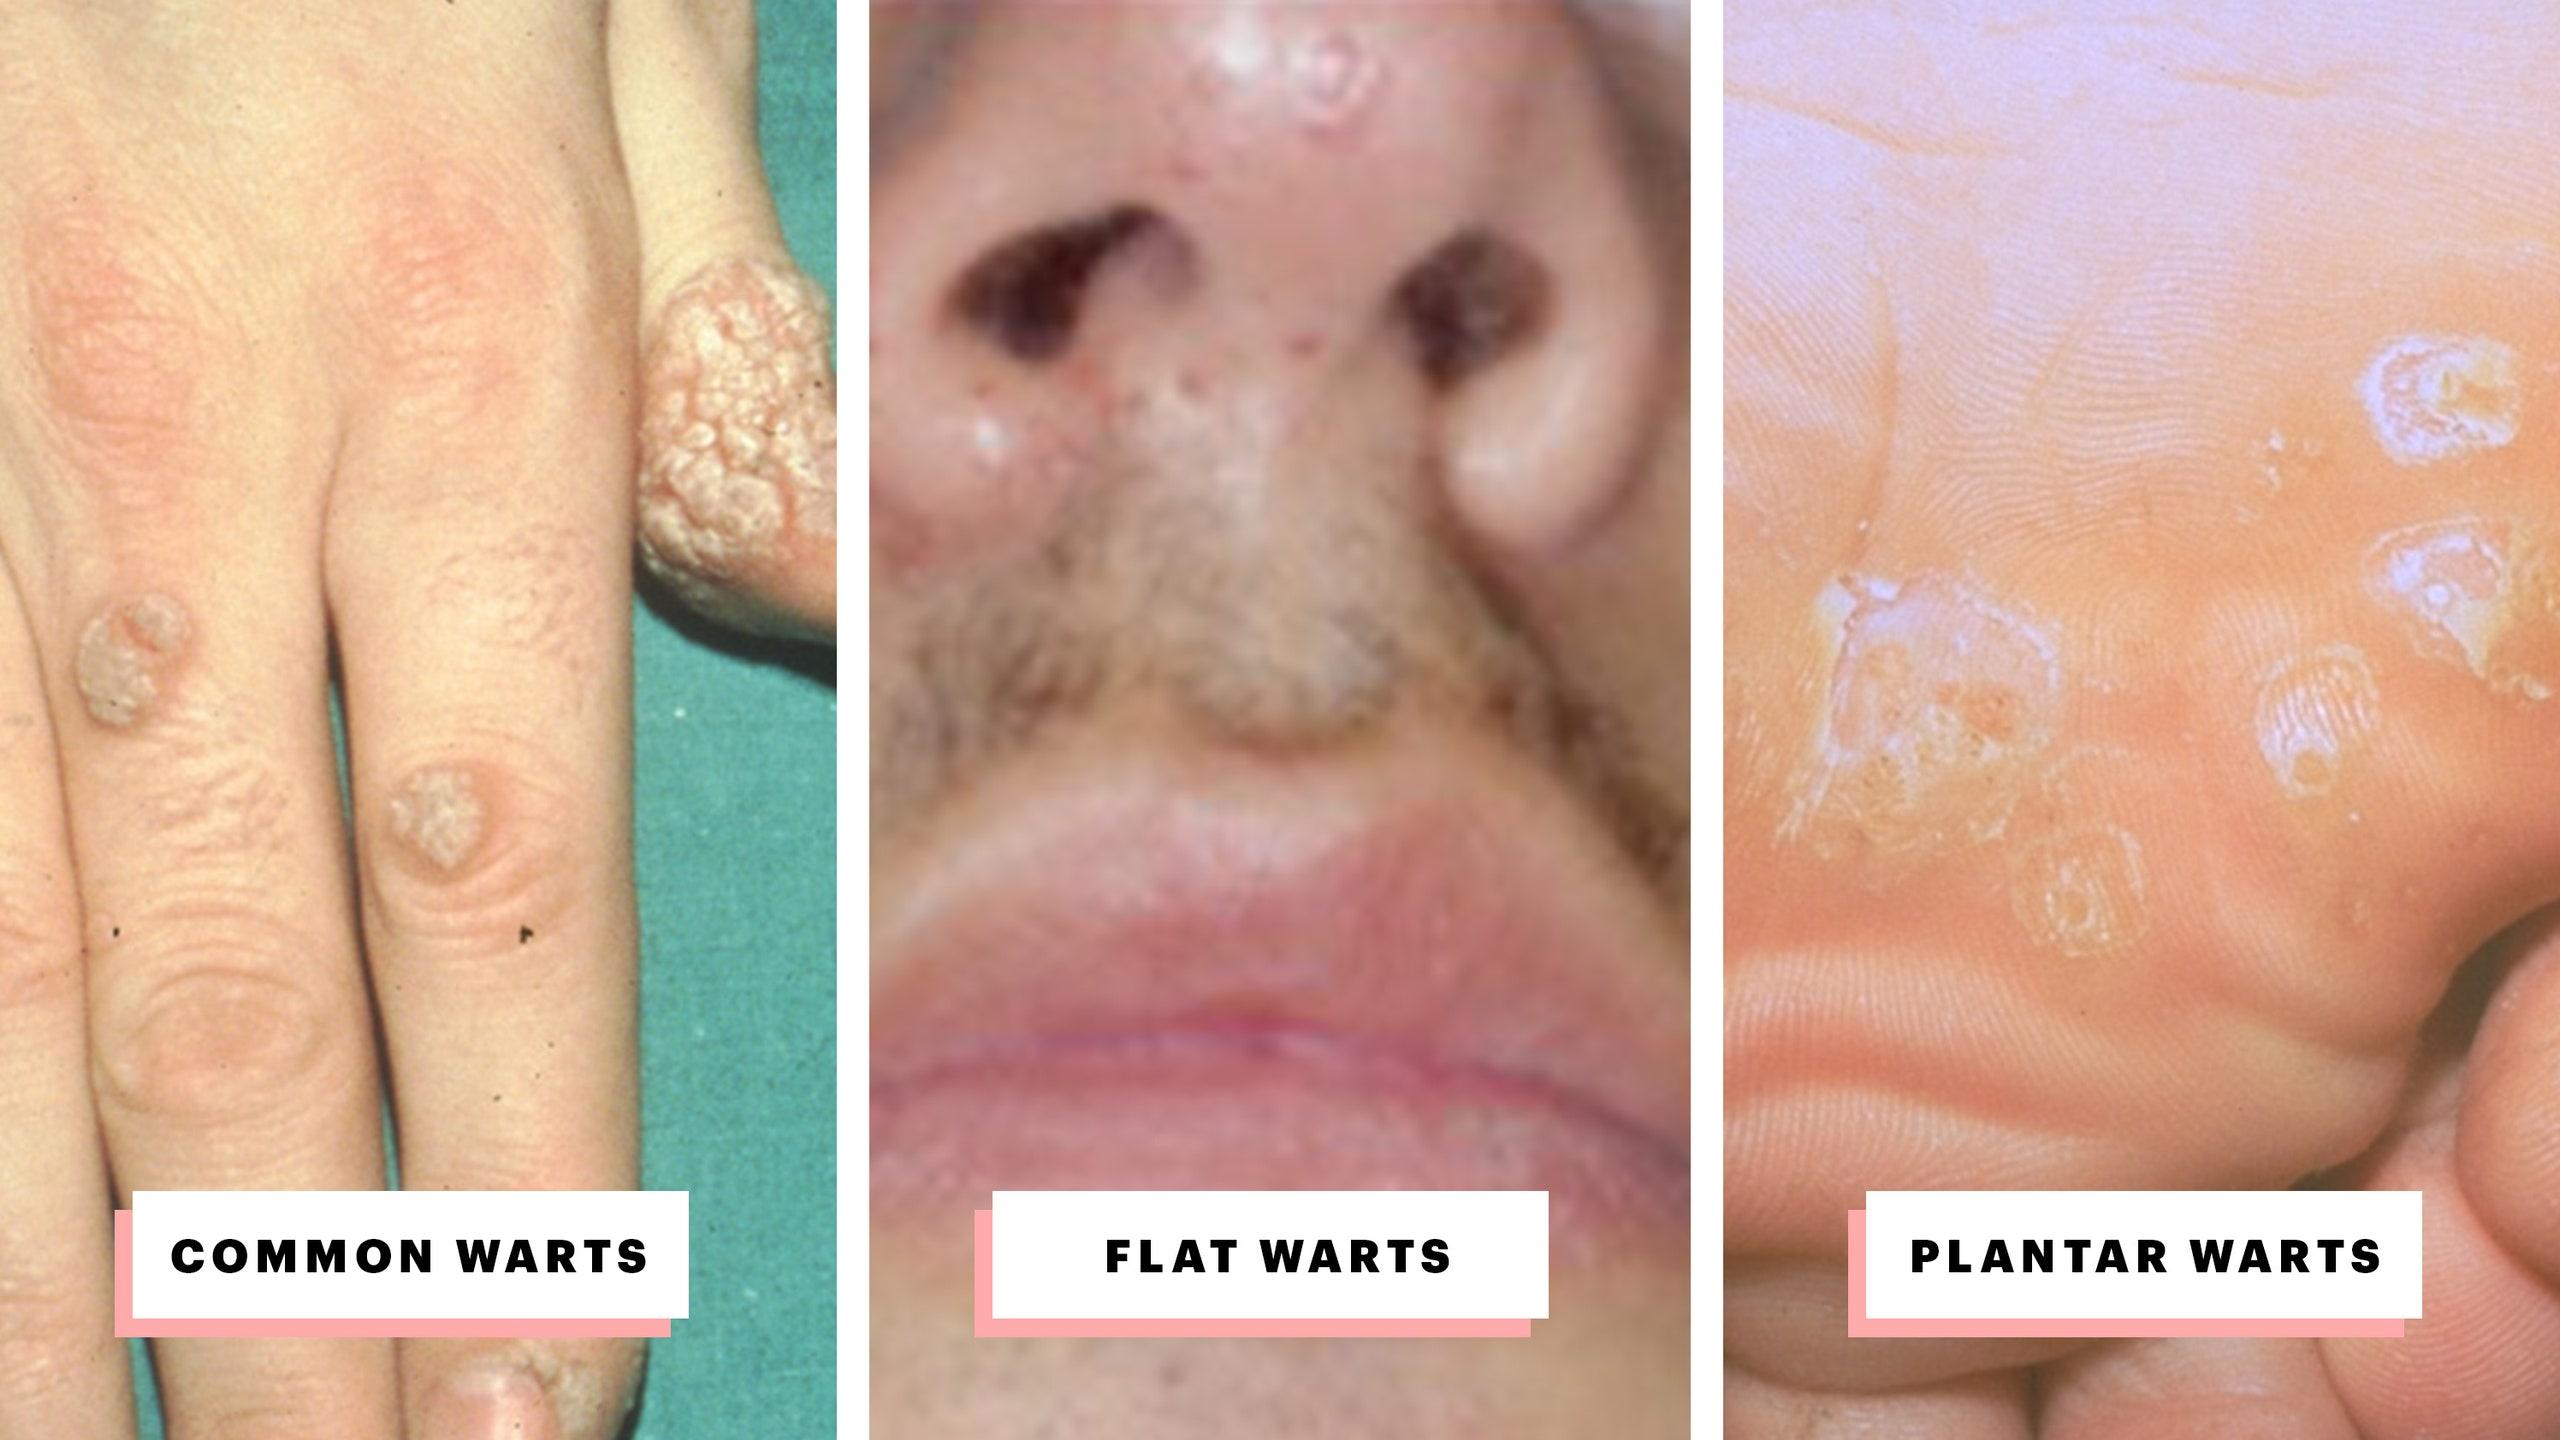 hpv wart removal includes oxi la copii